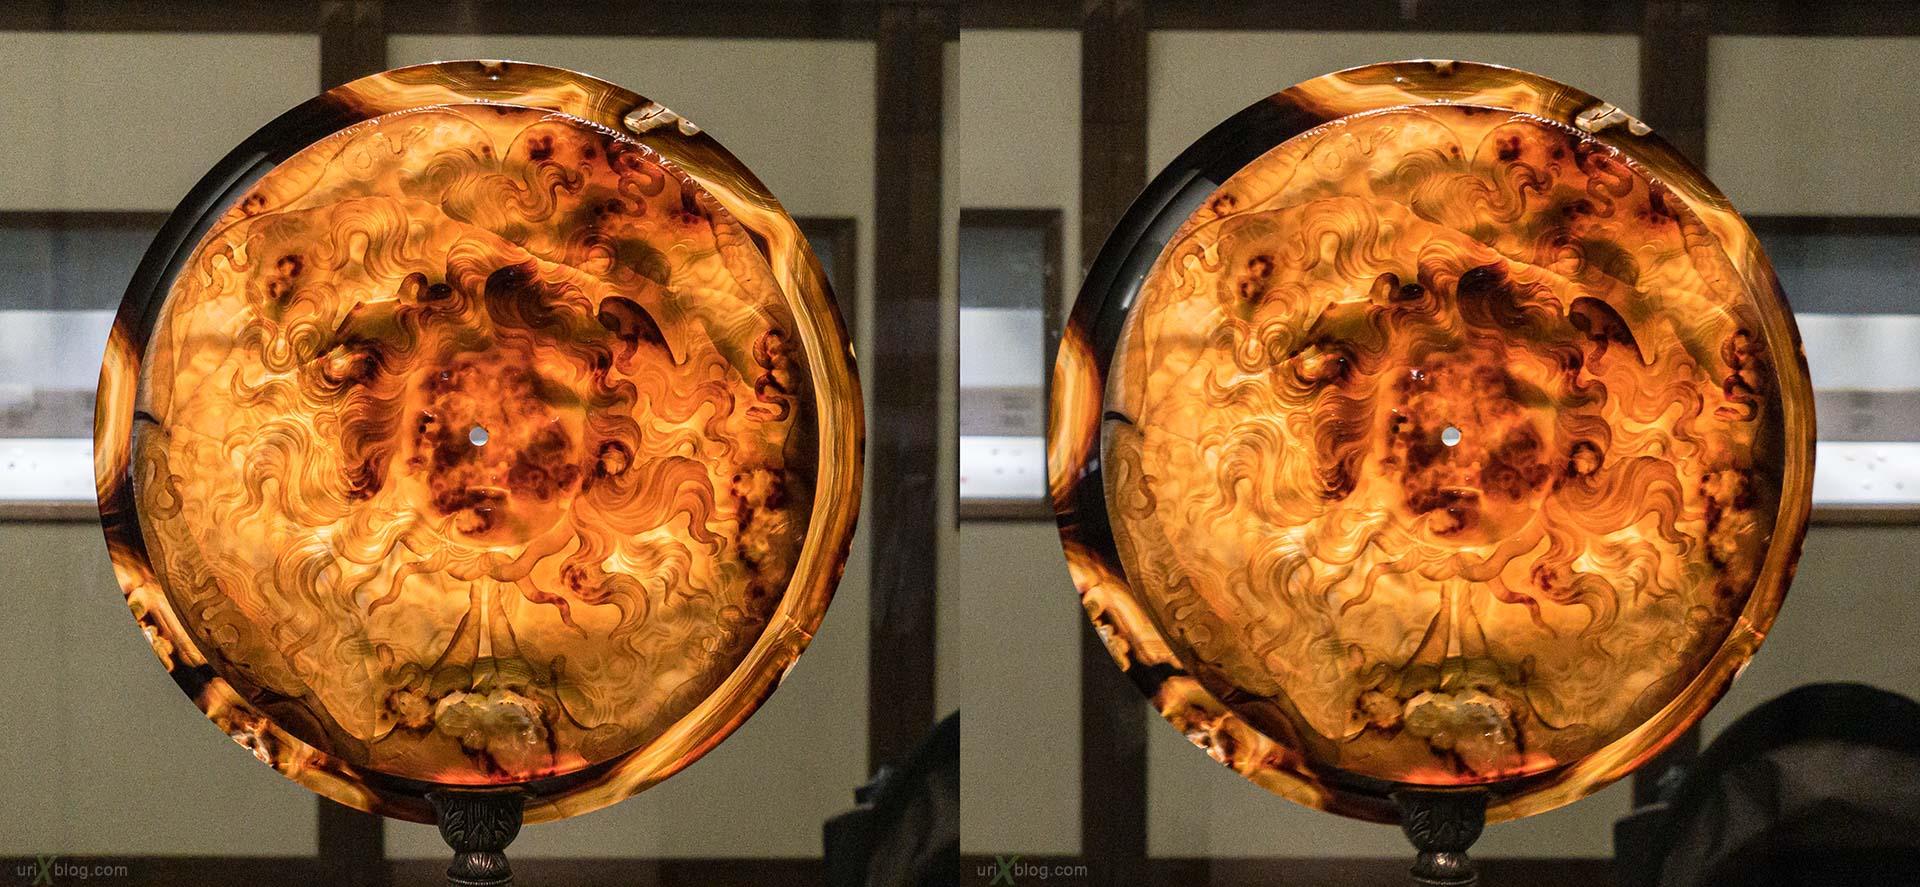 Farnese Cup, тарелка, Национальный археологический музей Неаполя, Древний Рим, Помпеи, выставка, Неаполь, Италия, 3D, перекрёстная стереопара, стерео, стереопара